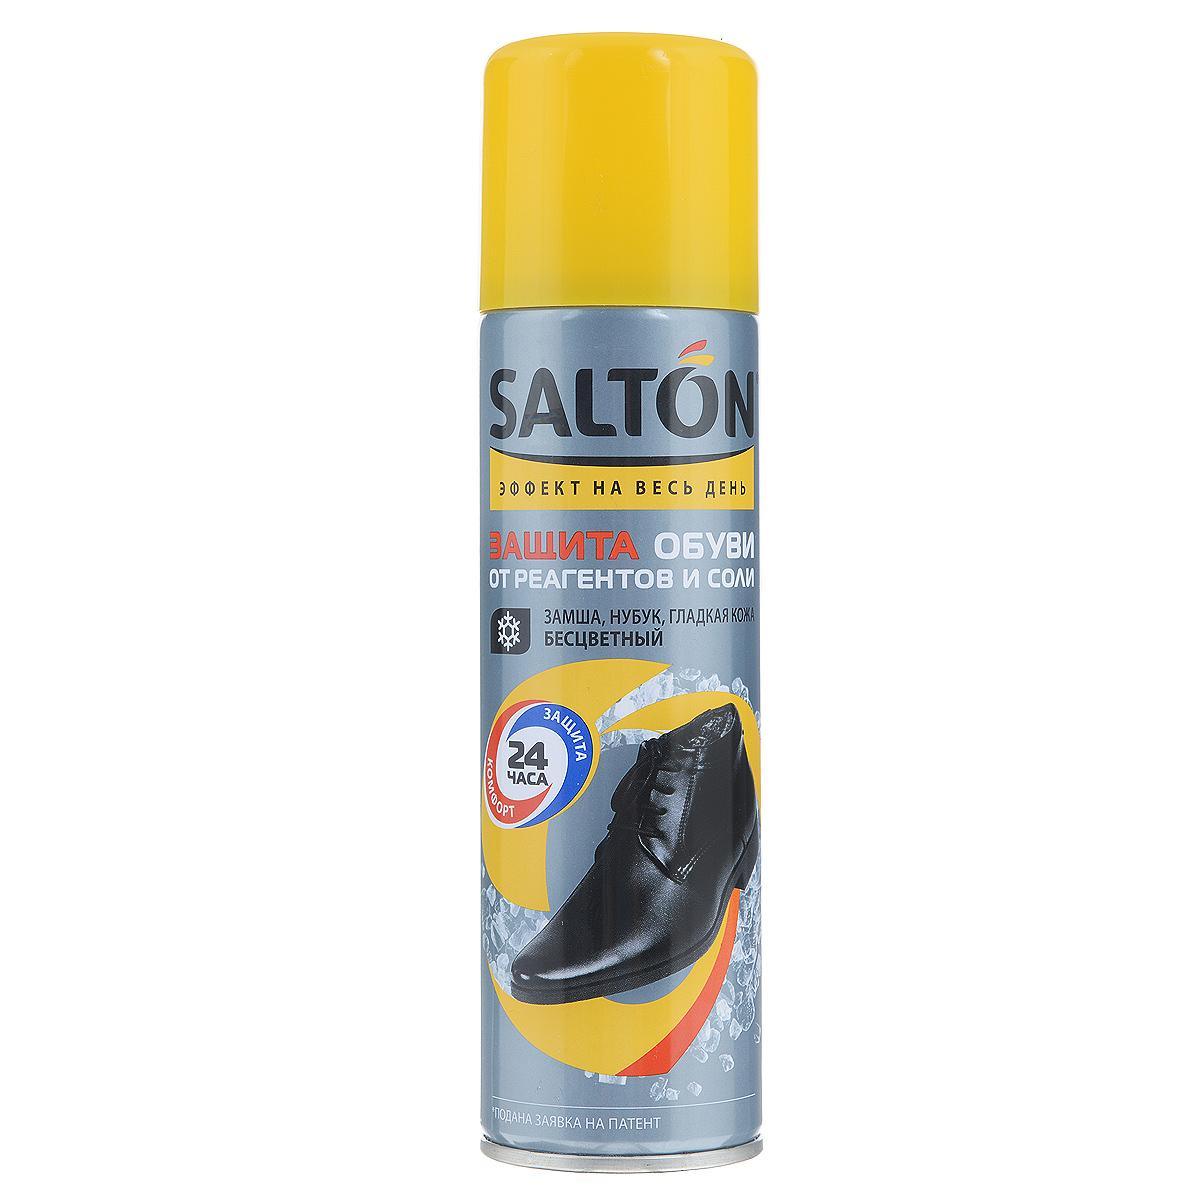 Защита обуви от реагентов и соли Salton, цвет: бесцветный, 250 мл391602Средство Salton предназначено для предотвращения появления солевых разводов на поверхности обуви. Обеспечивает длительную защиту от воздействия антигололедных реагентов, снега, грязи и воды. Подходит для изделий из гладкой кожи, замши, велюра, нубука, текстиля и мембранных материалов.Не использовать для лаковой кожи!Состав: 5% но 30%: алифатический растворитель, пропеллент (бутан, изобутан, пропан).